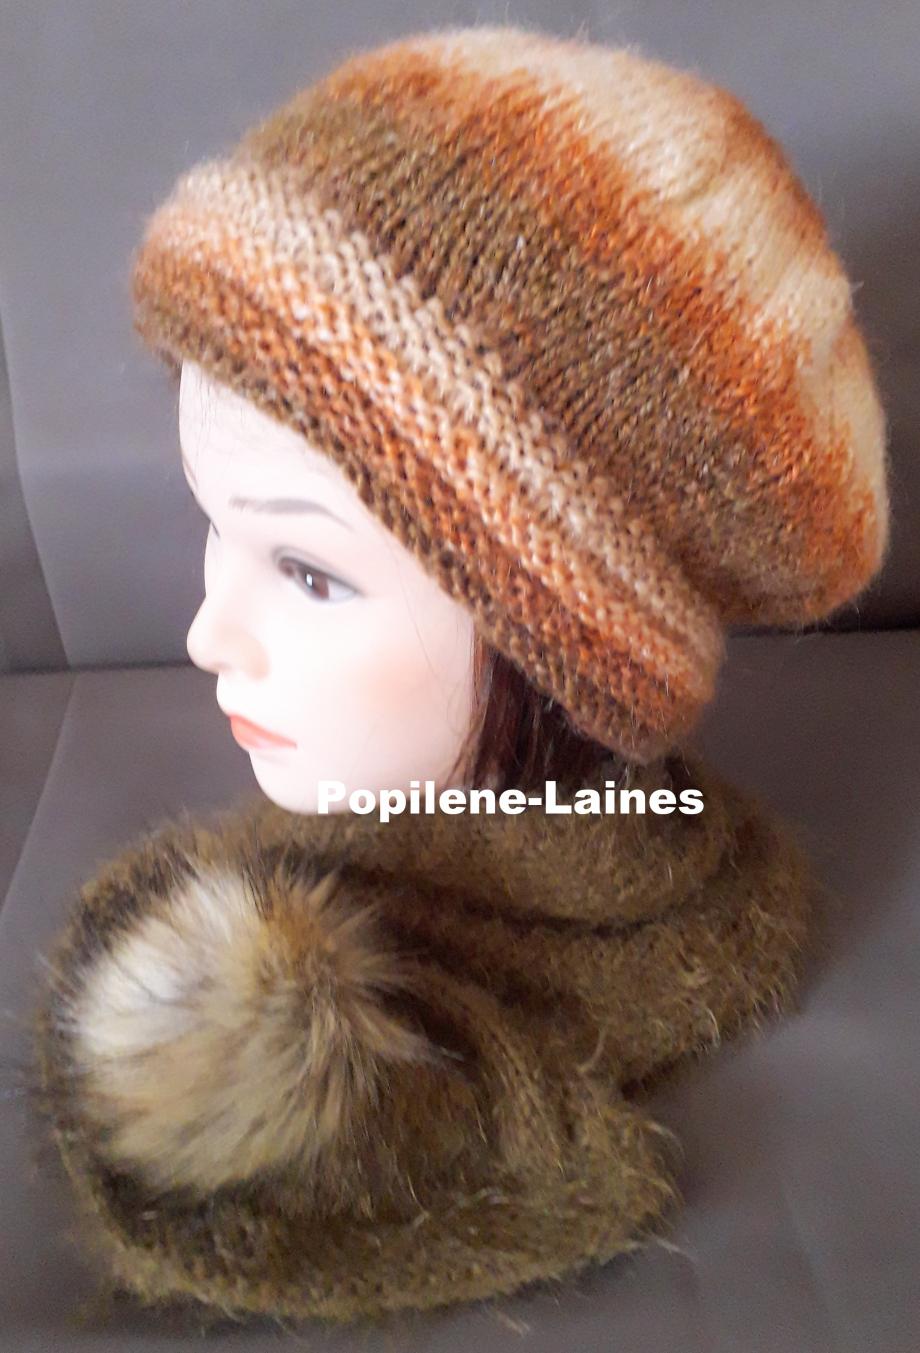 Ensemble bonnet et écharpe doublée Le bonnet est tricoté au point de godron et jersey, il est doublé sur la hauteur du point godron. L'écharpe , tricotée en laine polaire, agrémentée d'un pompon imitation fourrure, est un tour de coude 80cms de long Marque Yarns, qualité Alpaca Mohair : 20% alpaca, 55% acrylique et 25% mohair